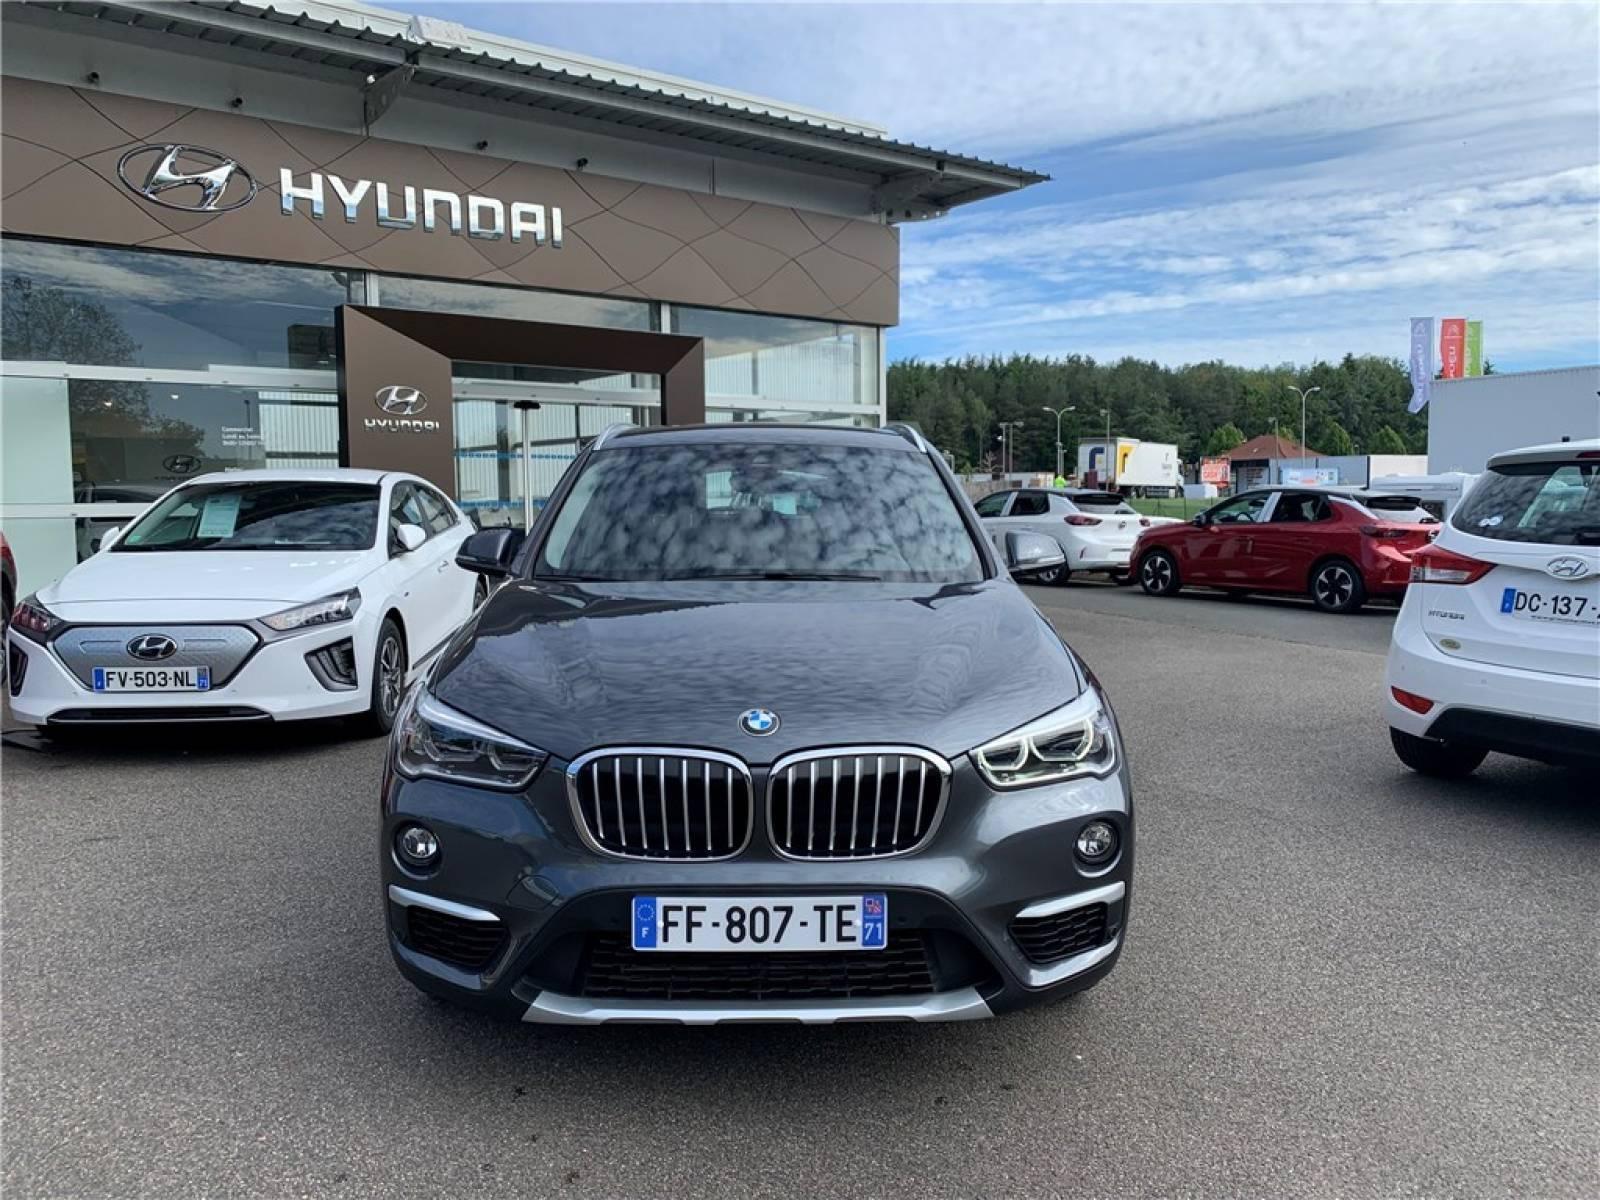 BMW X1 sDrive 18d 150 ch - véhicule d'occasion - Groupe Guillet - Hyundai - Zenith Motors – Montceau-les-Mines - 71300 - Montceau-les-Mines - 2